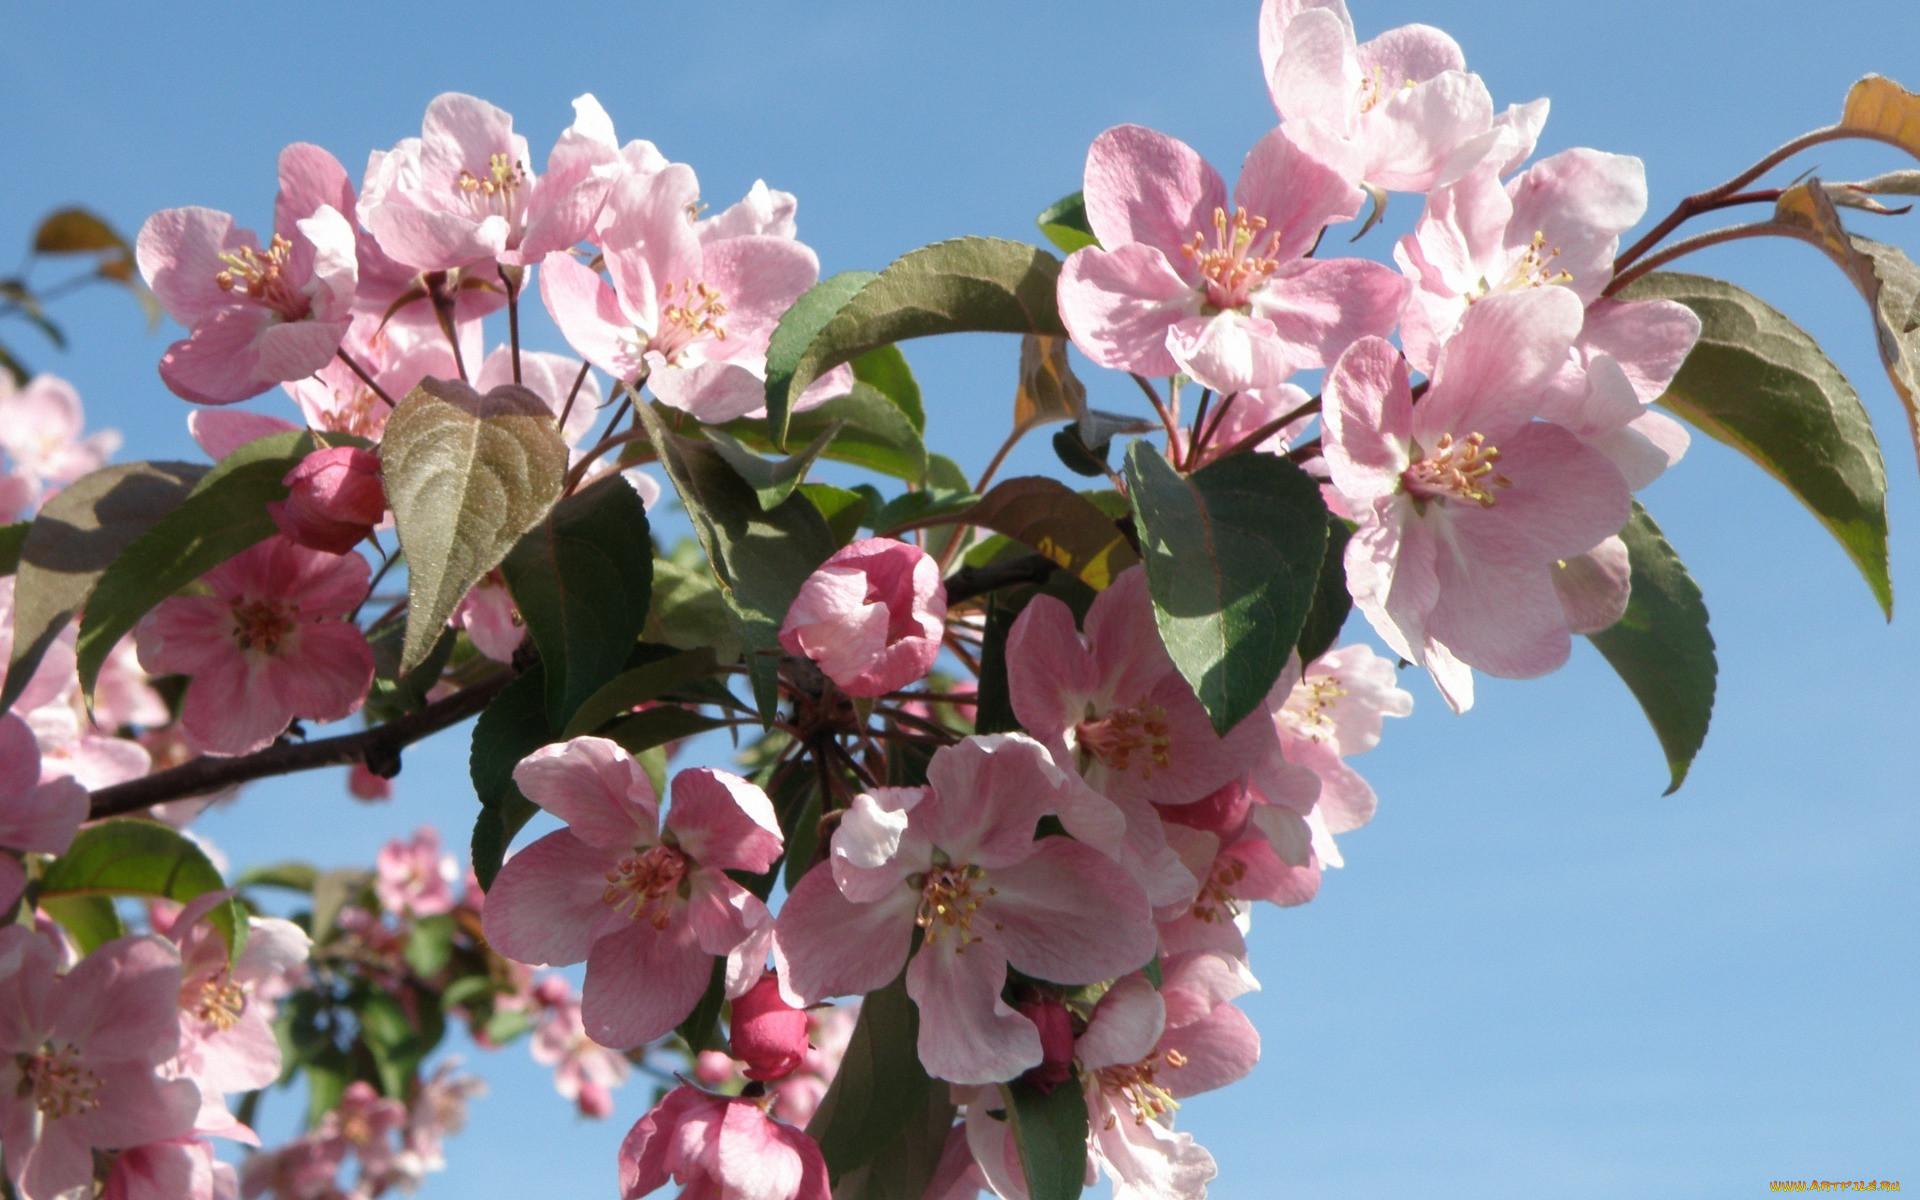 забрали больницу, фото цветущей яблони на рабочий стол главная дорога можно